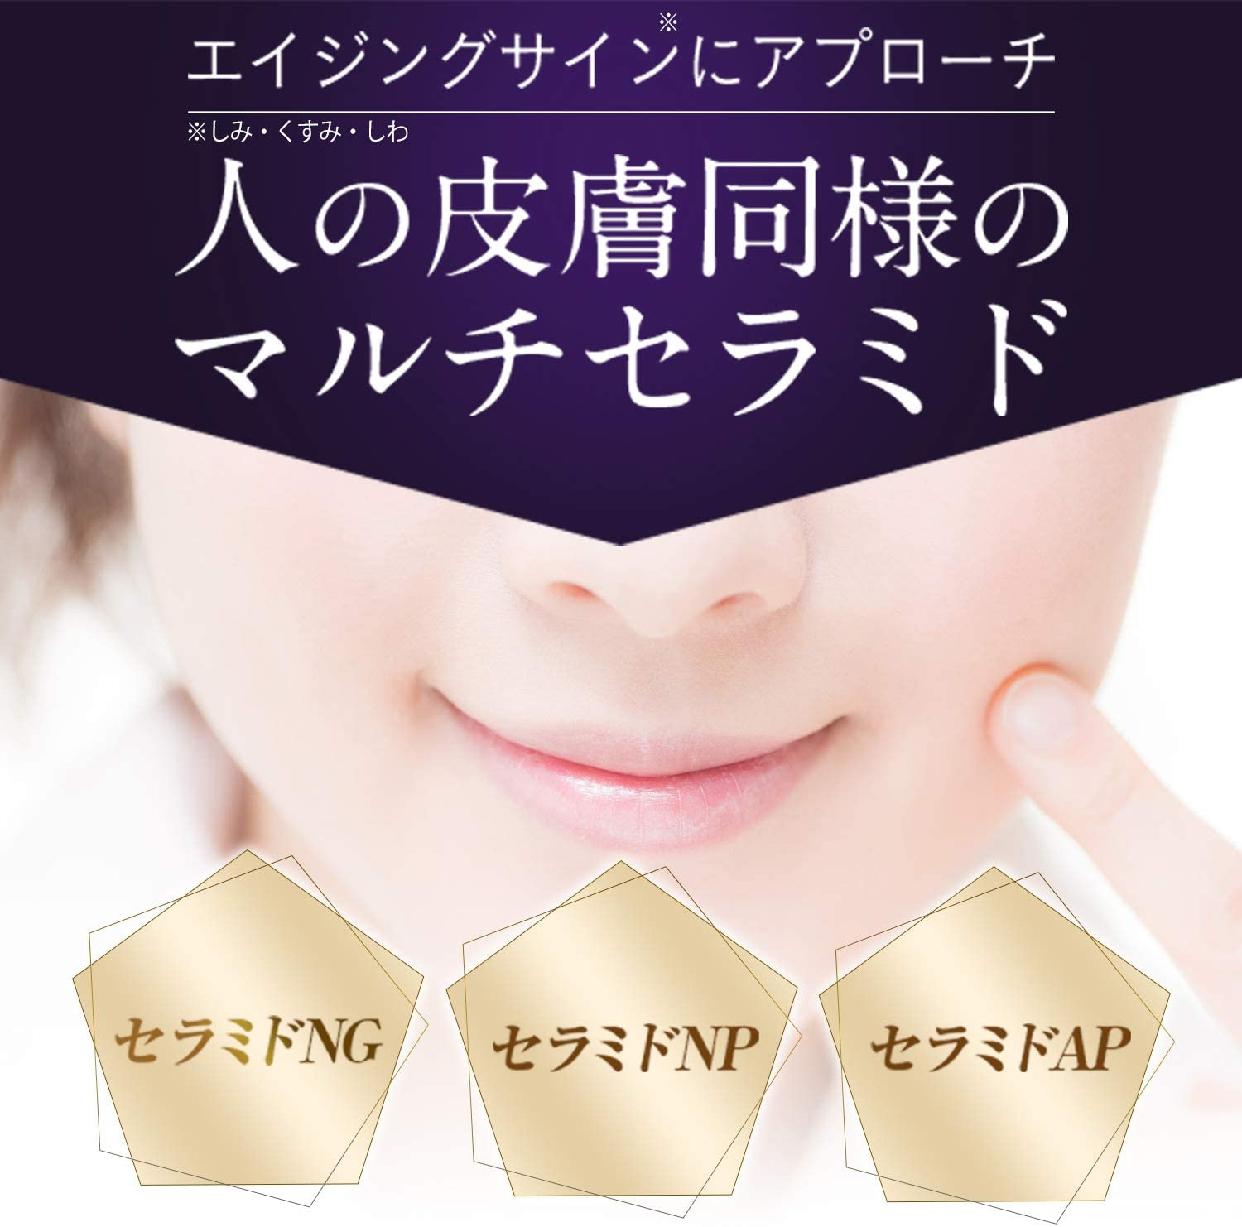 shimaboshi(シマボシ) レストレーションセラムの商品画像6